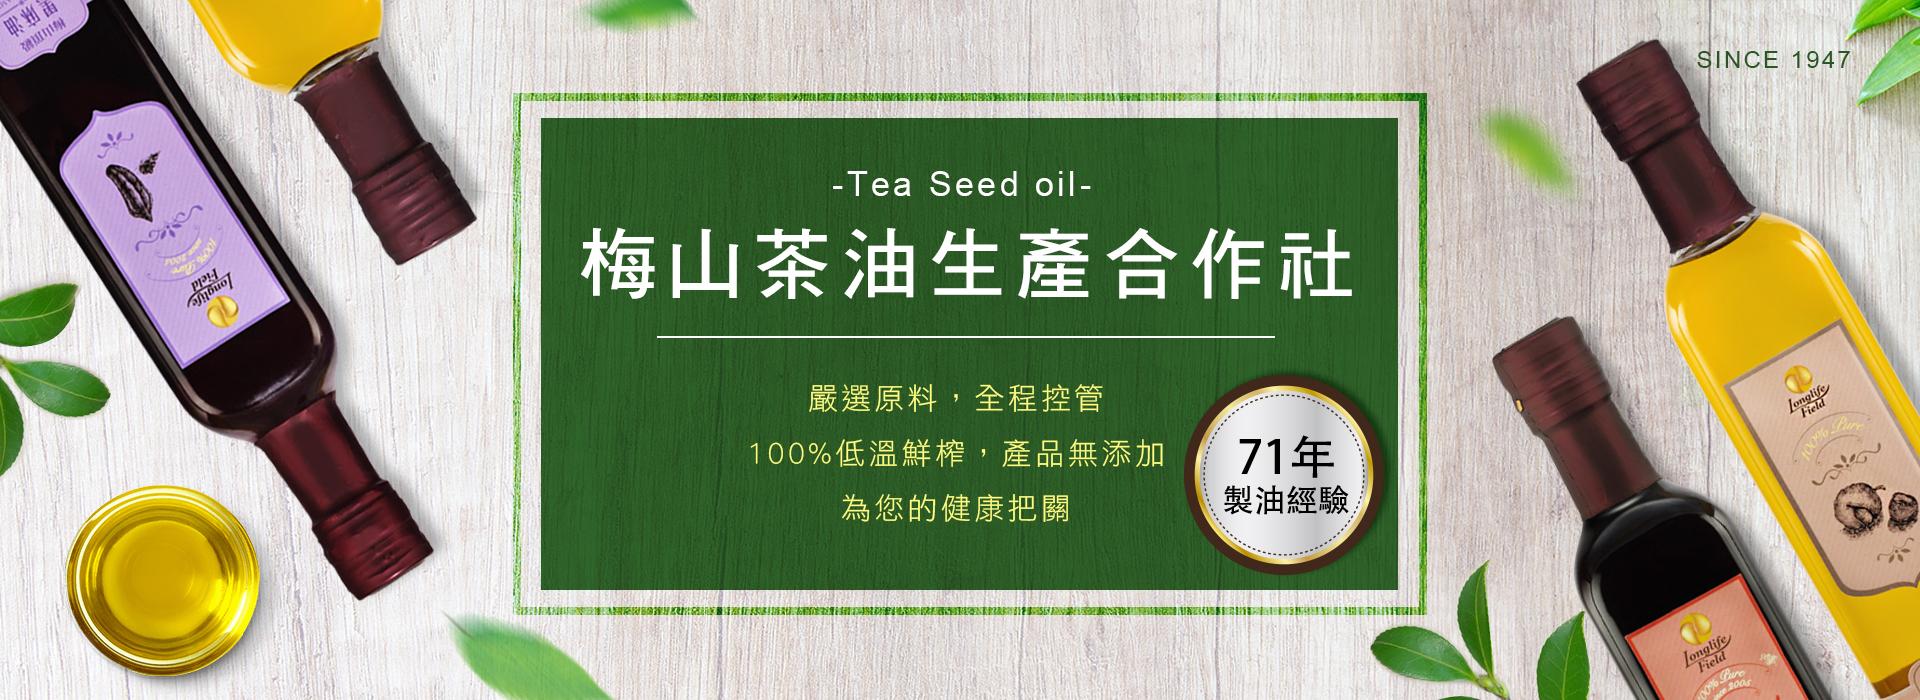 保證責任嘉義縣梅山茶油生產合作社